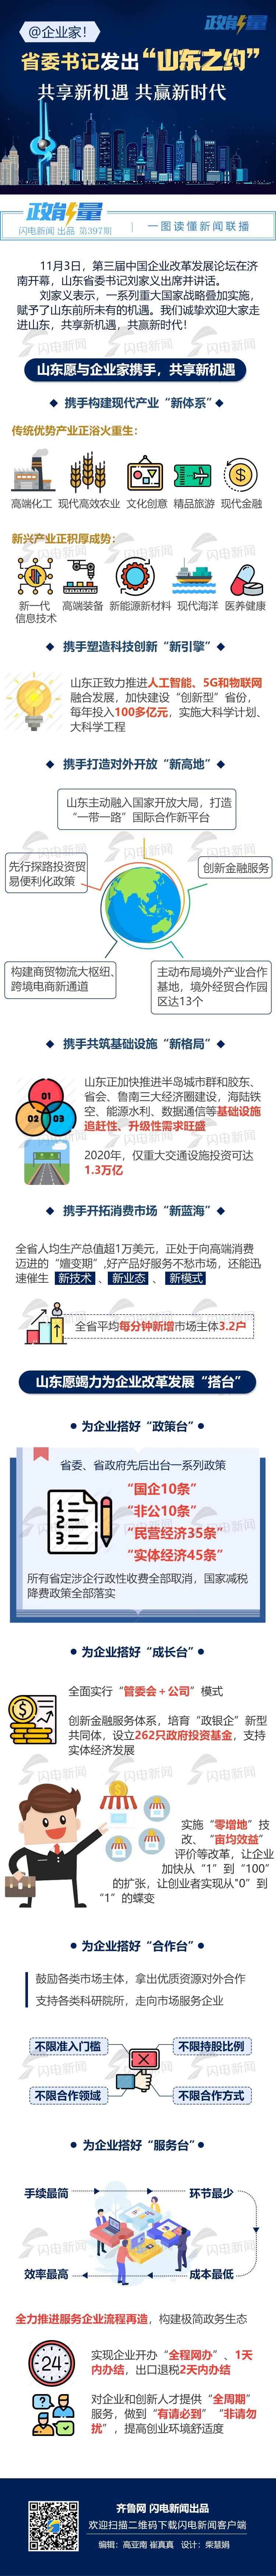 1103-刘家义讲话.jpg